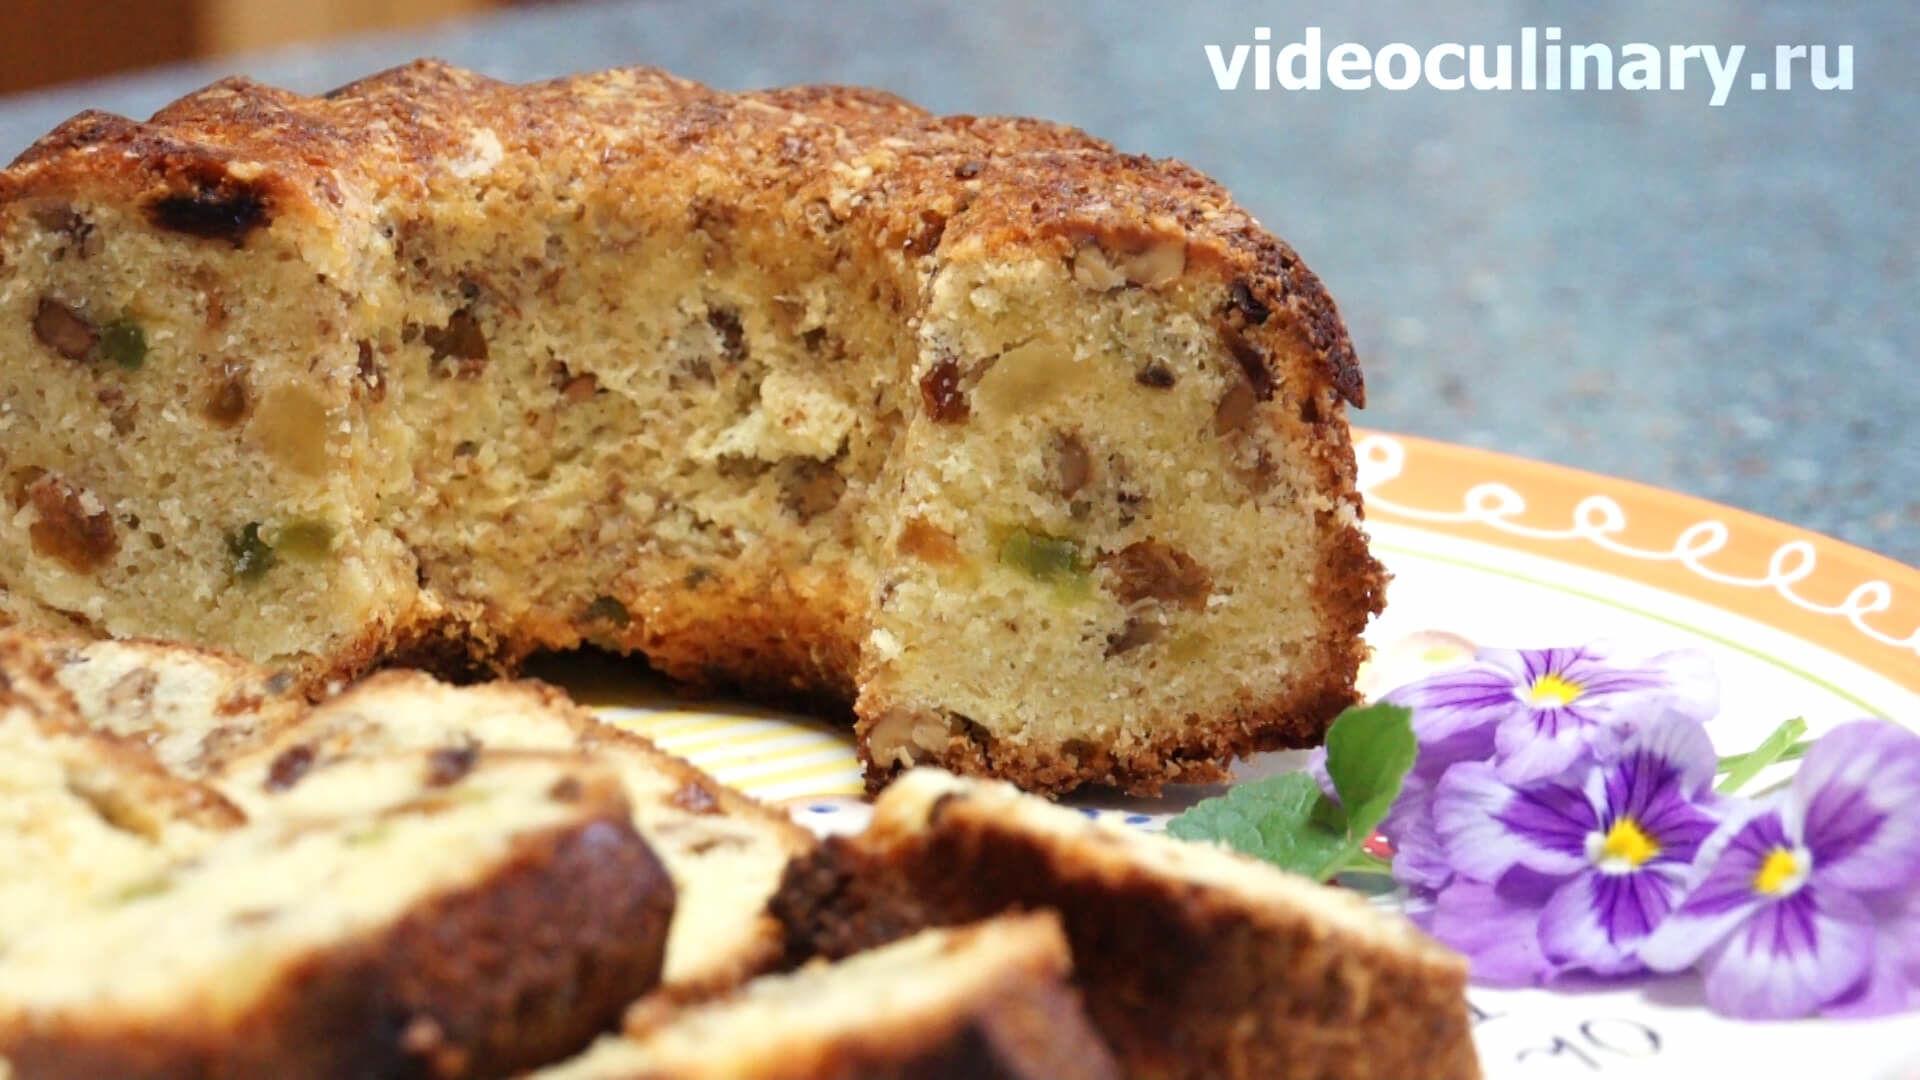 Кекс по-восточному или султанский пирог